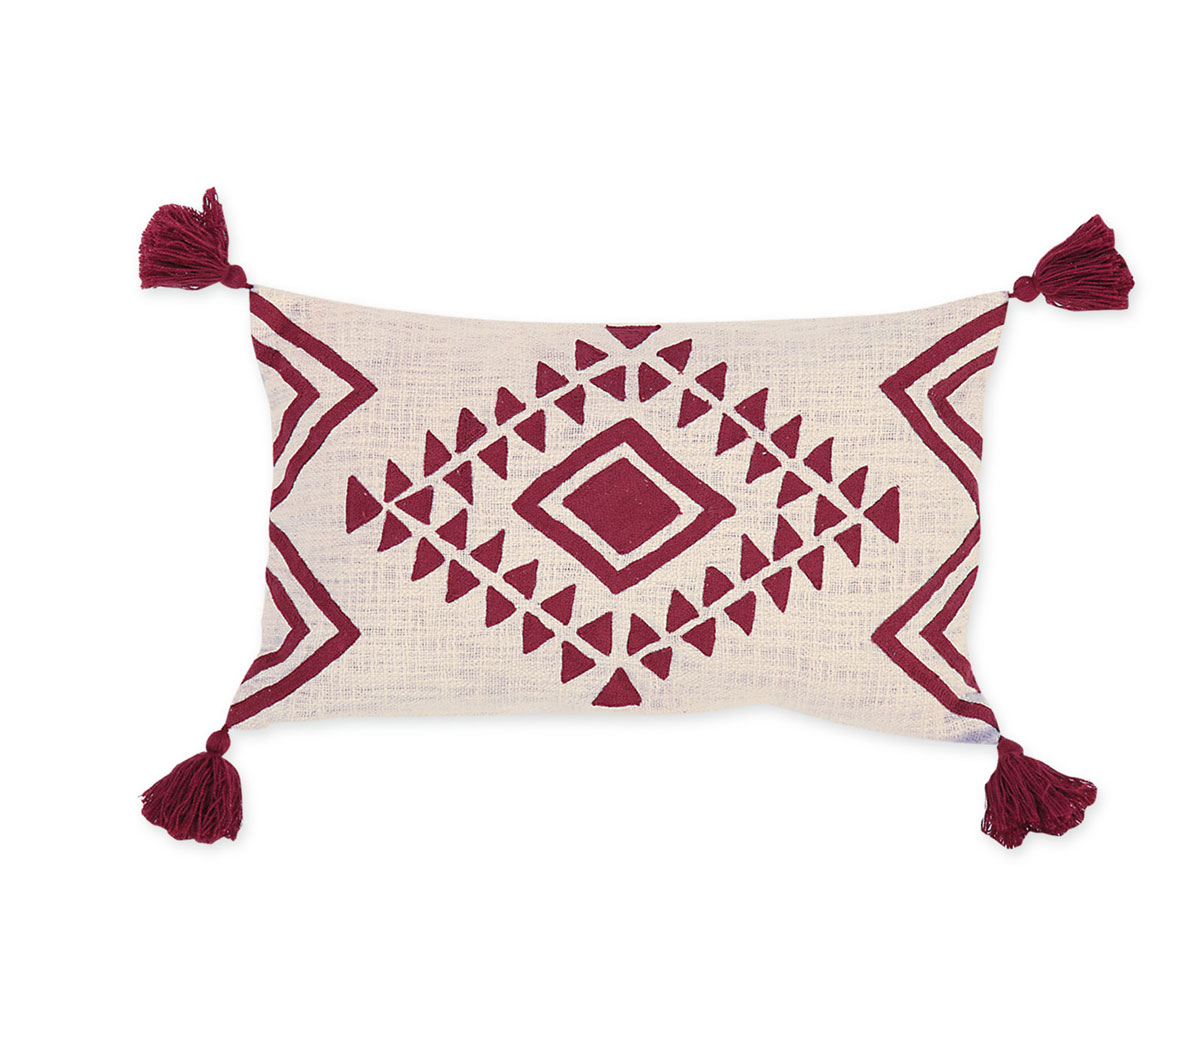 Διακοσμητικό Μαξιλάρι 33×55 Nef Nef Kenthth Amber Bordo